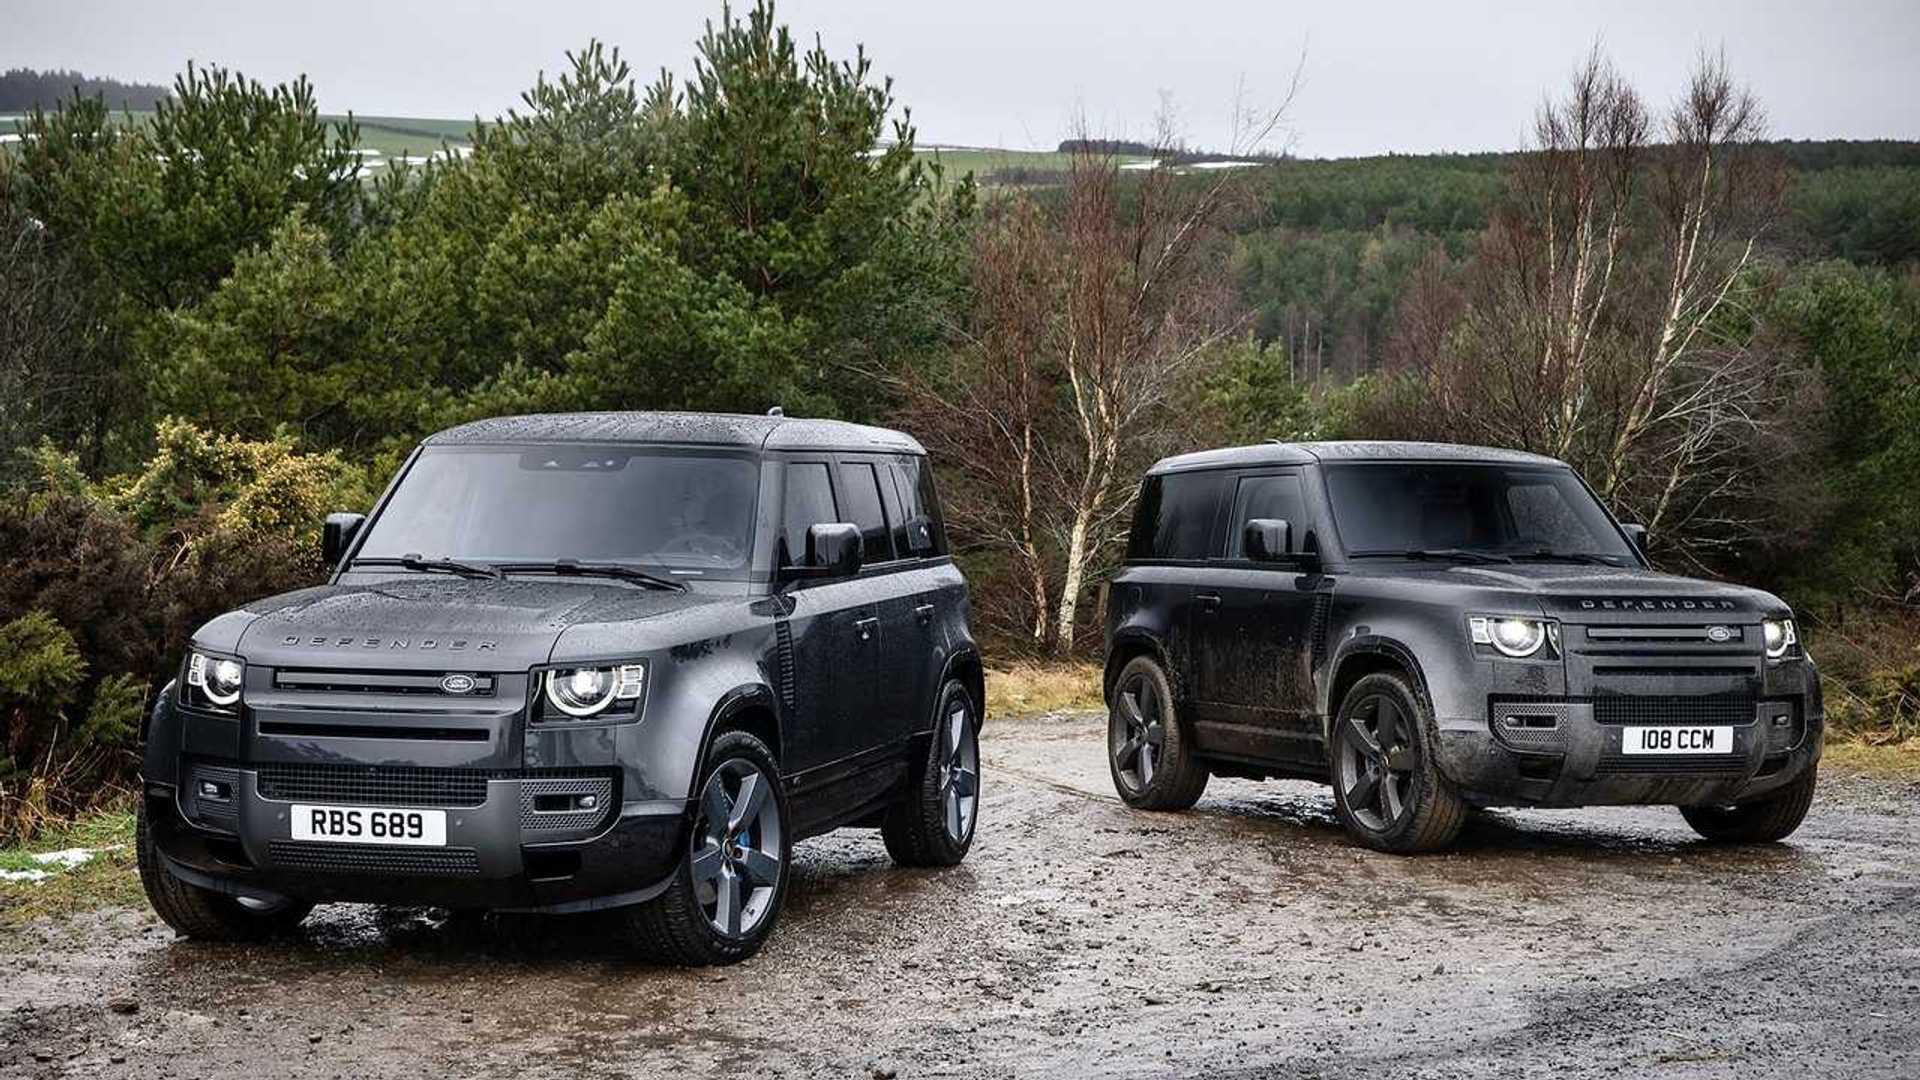 Цены на Land Rover Defender V8 начинаются с $ 100 000